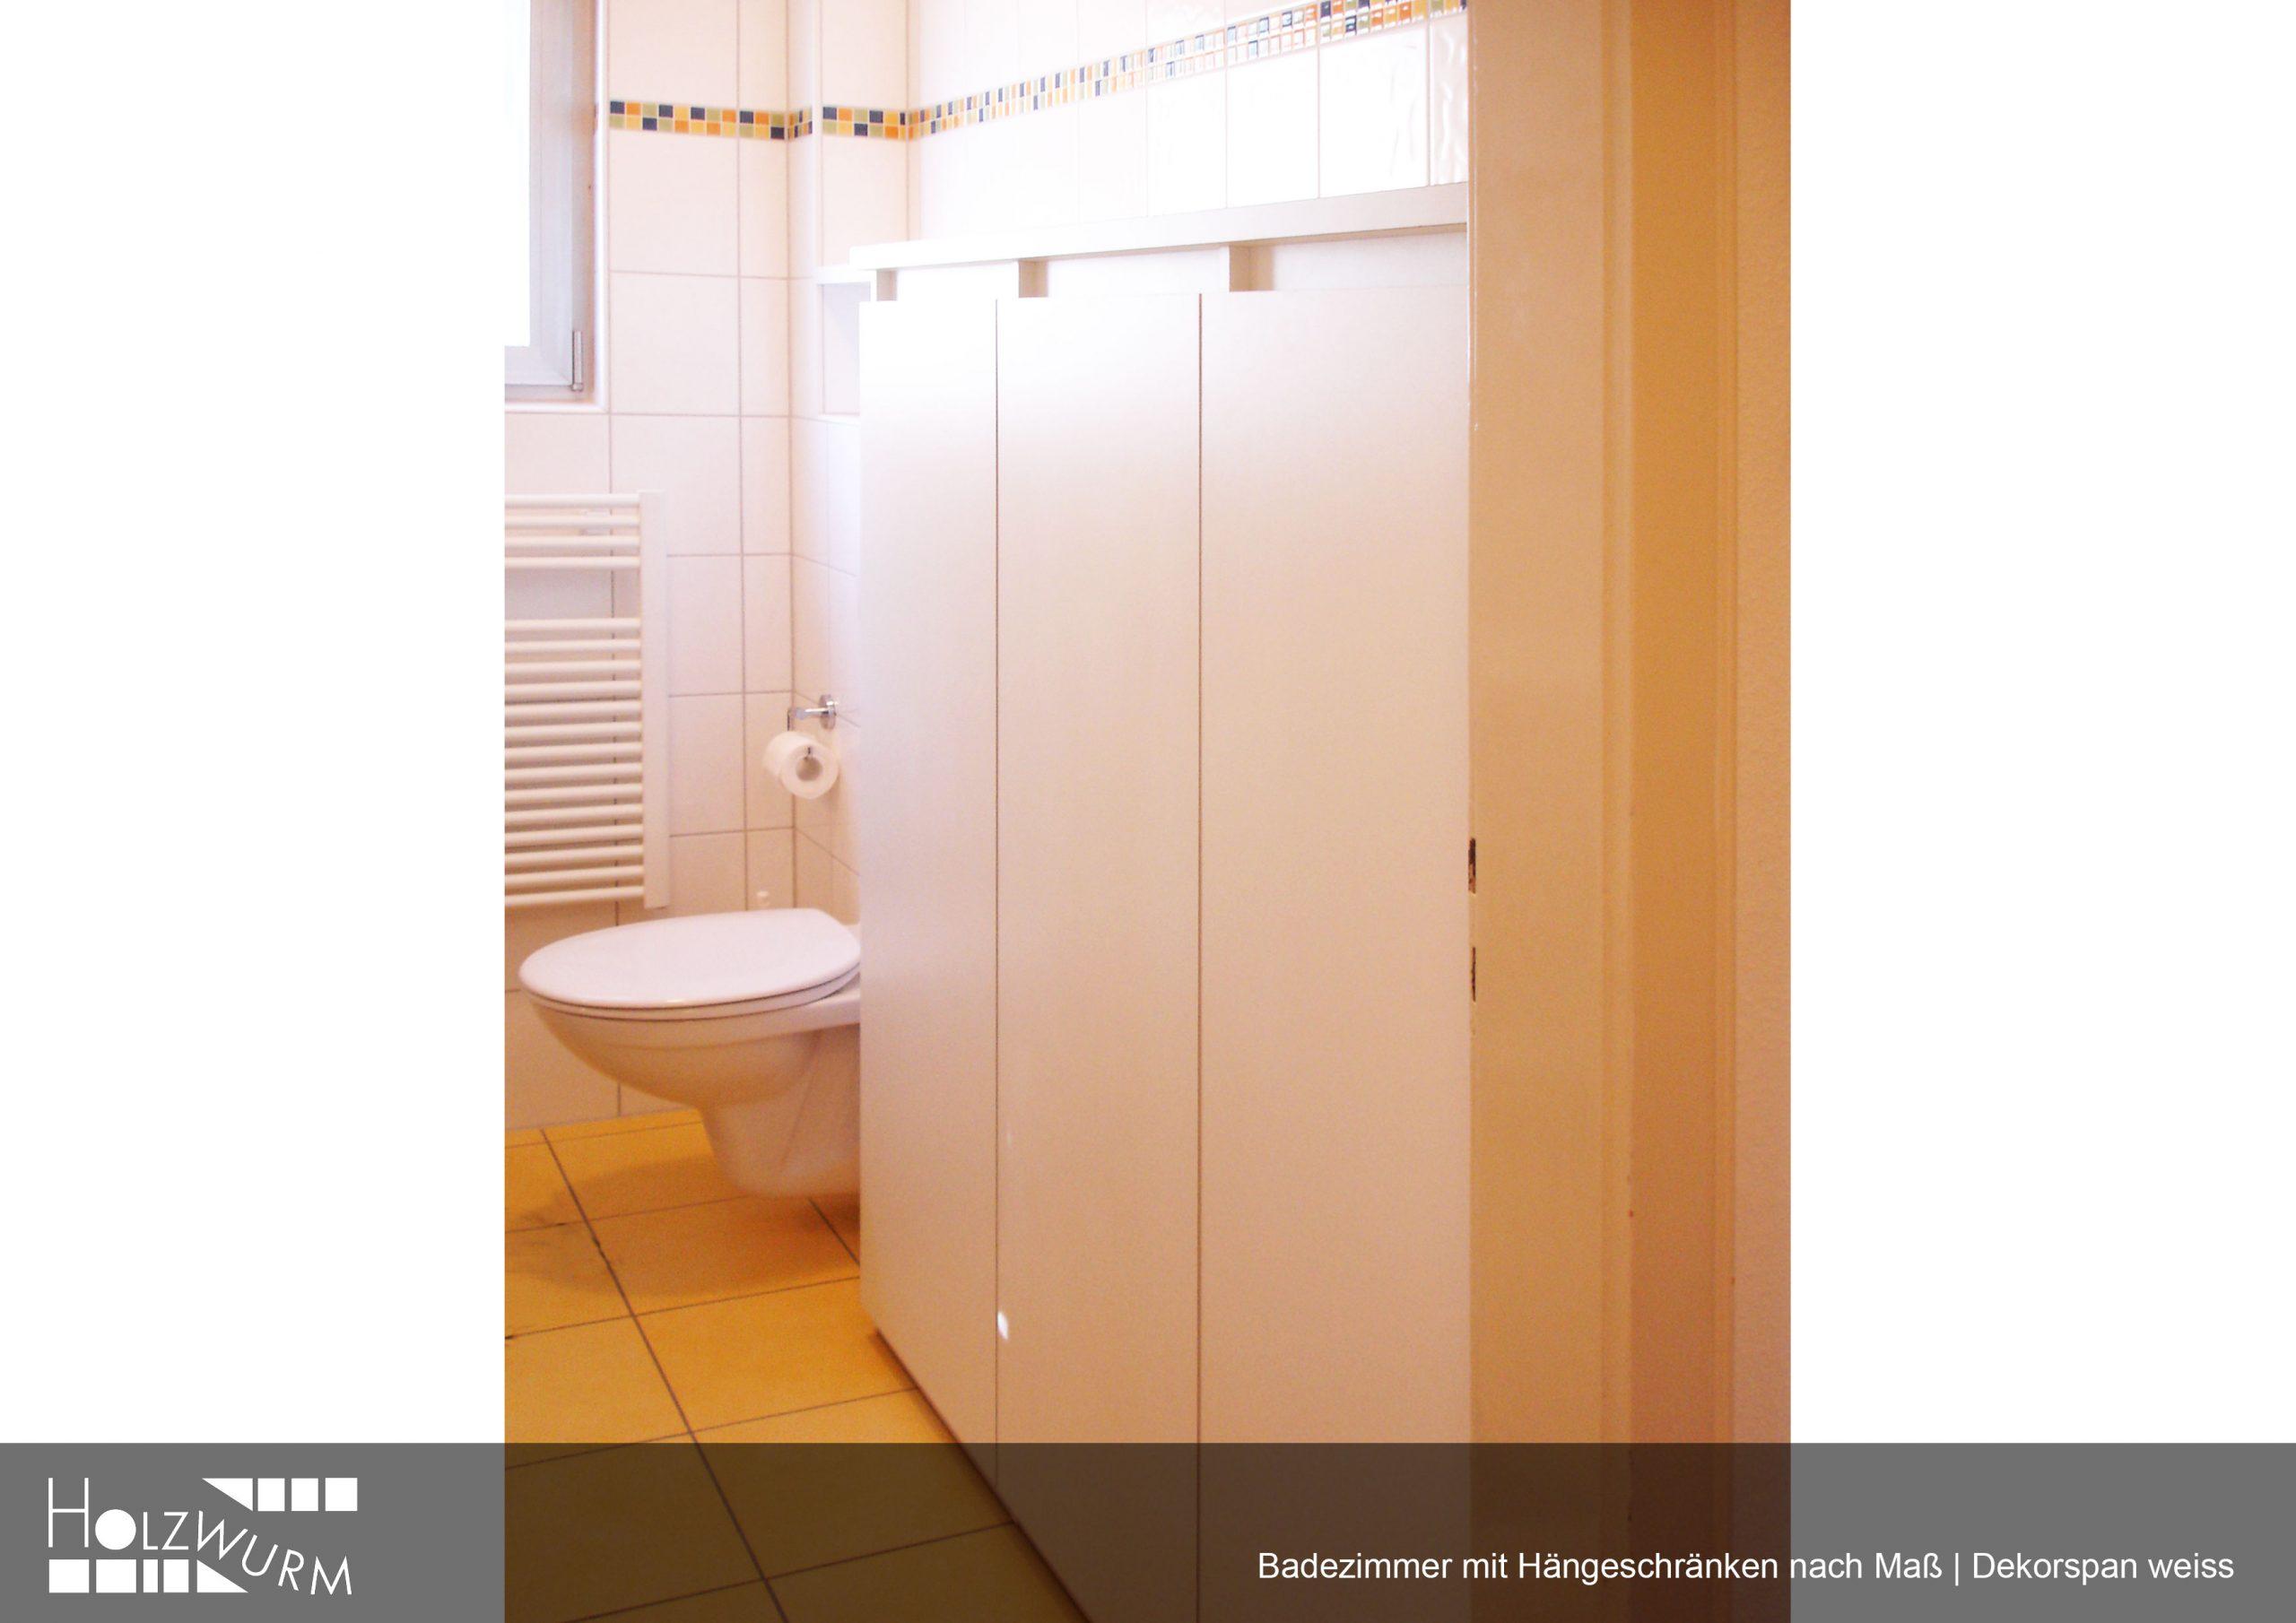 Hängeregal in Dekorspan weiss für Badezimmer